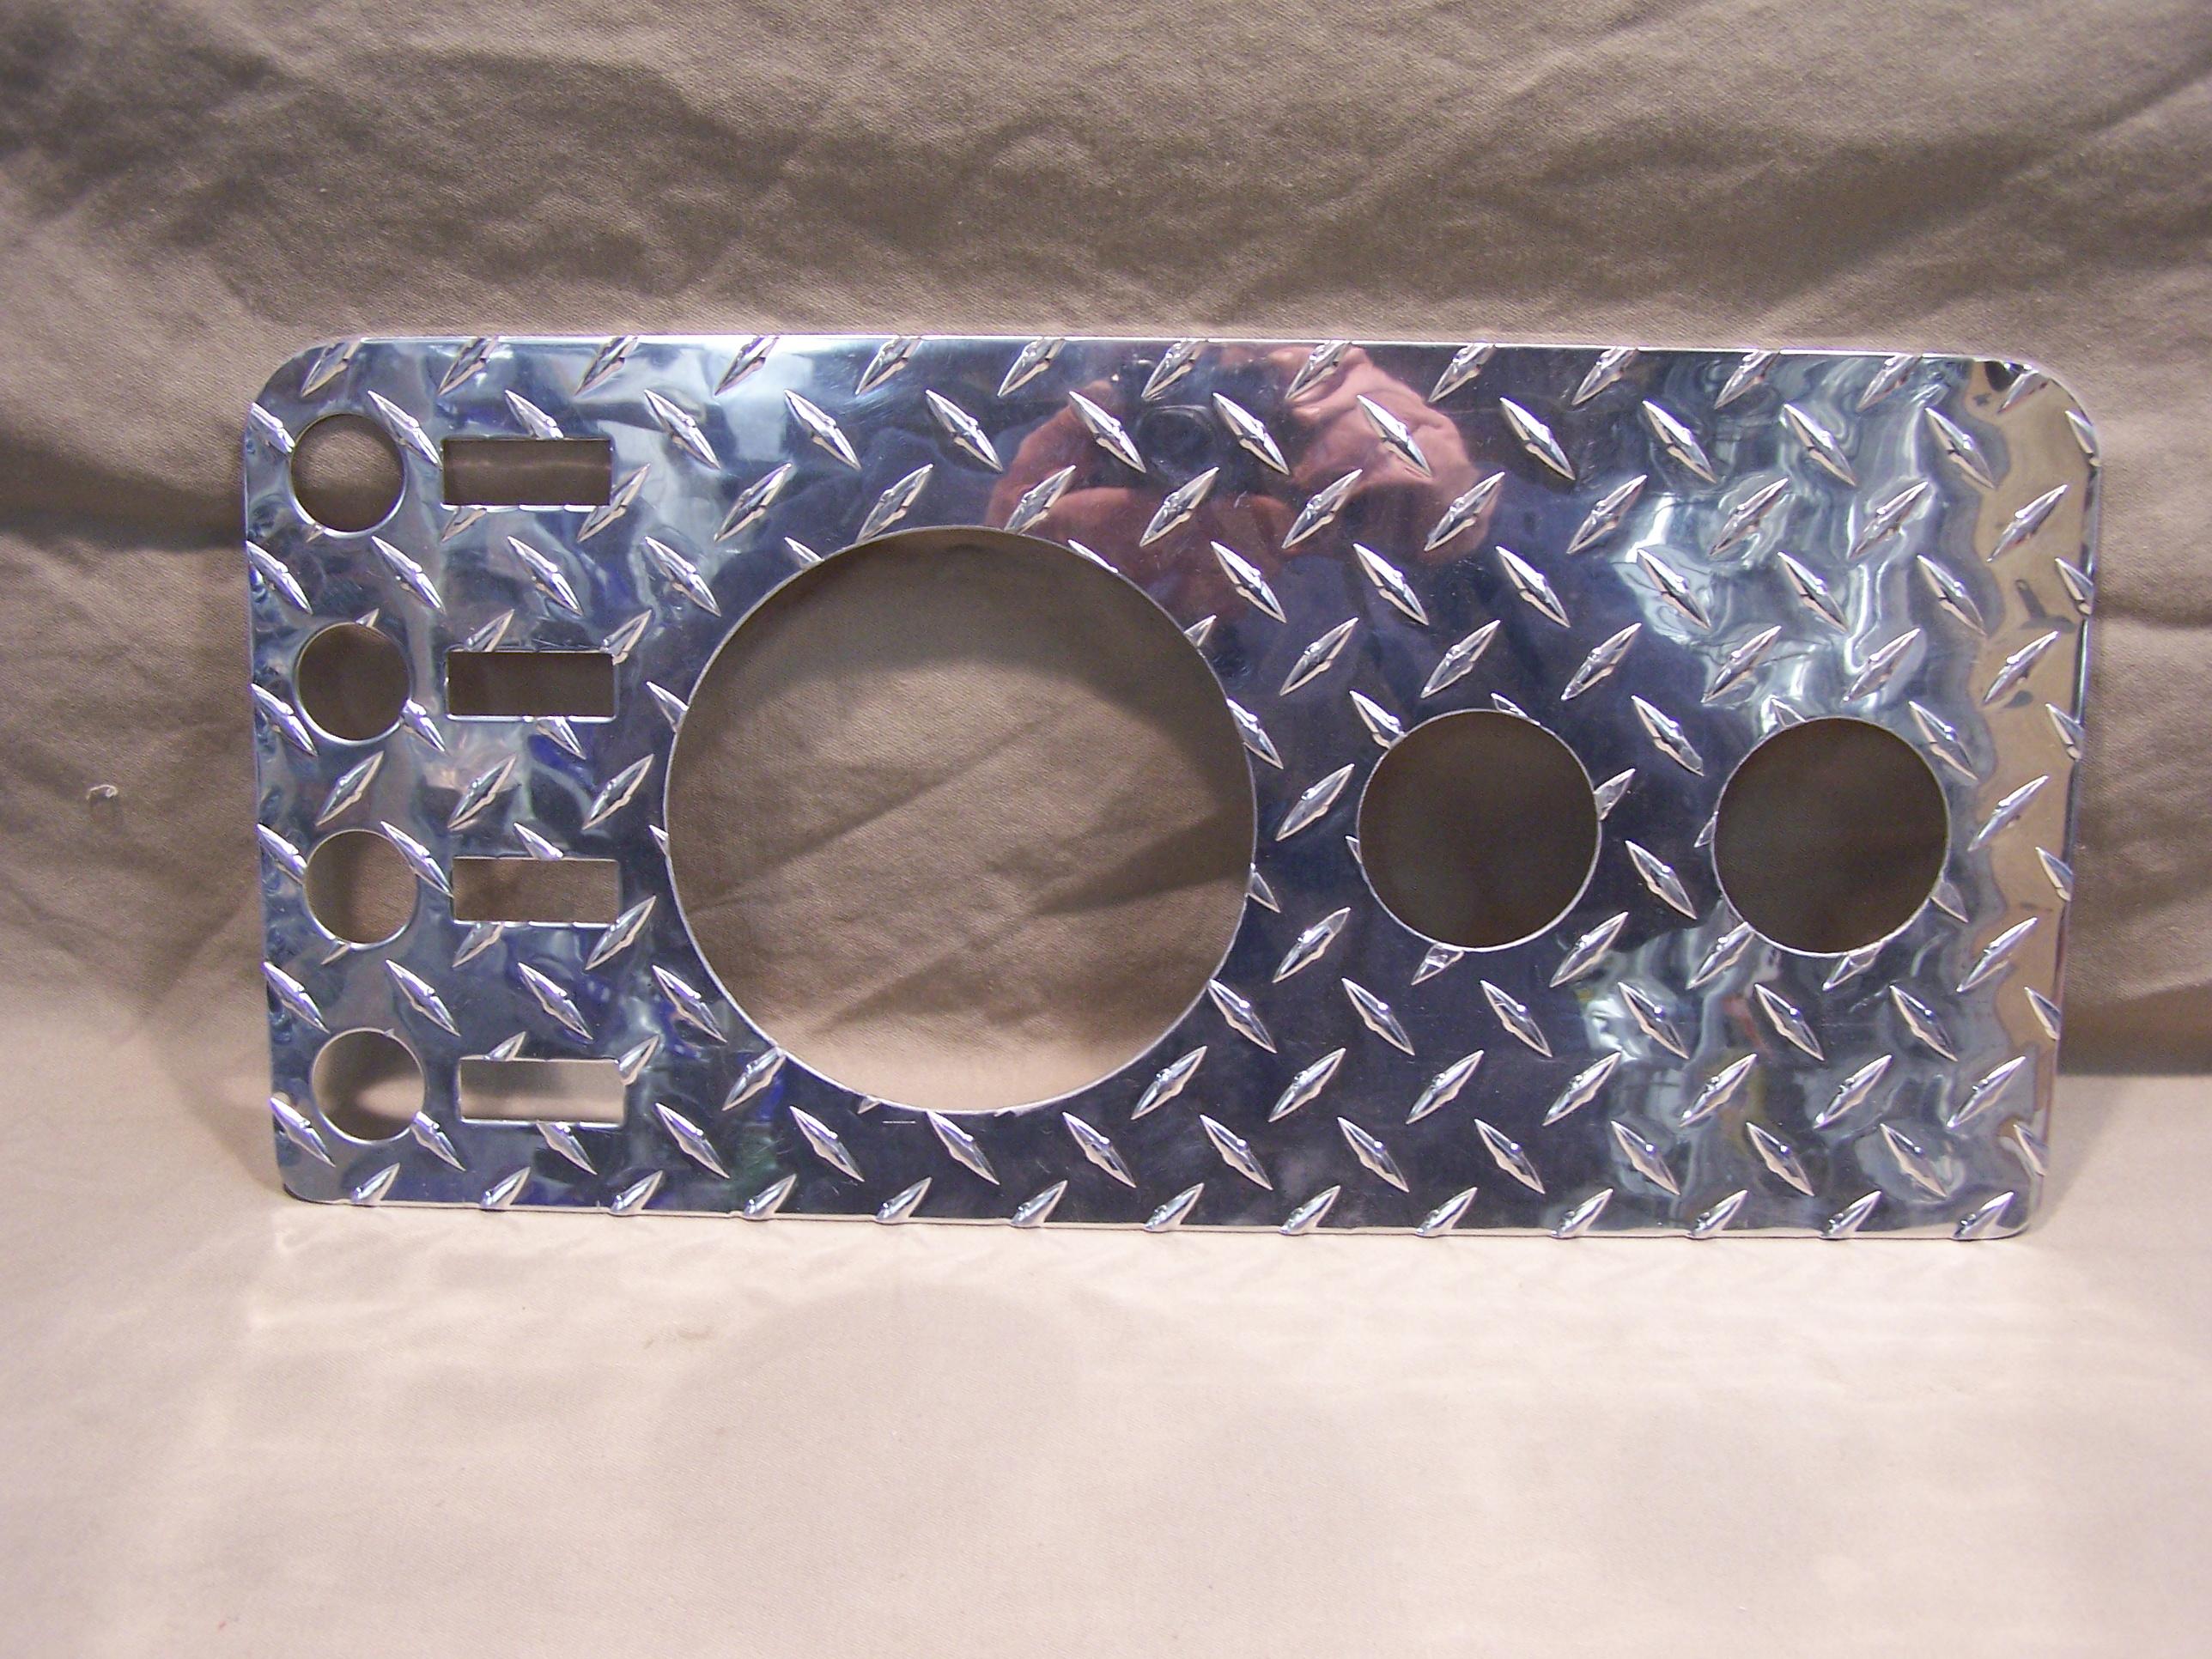 Interior Accessories Jeep Commando Dash Diamond Plate Gauge Cover